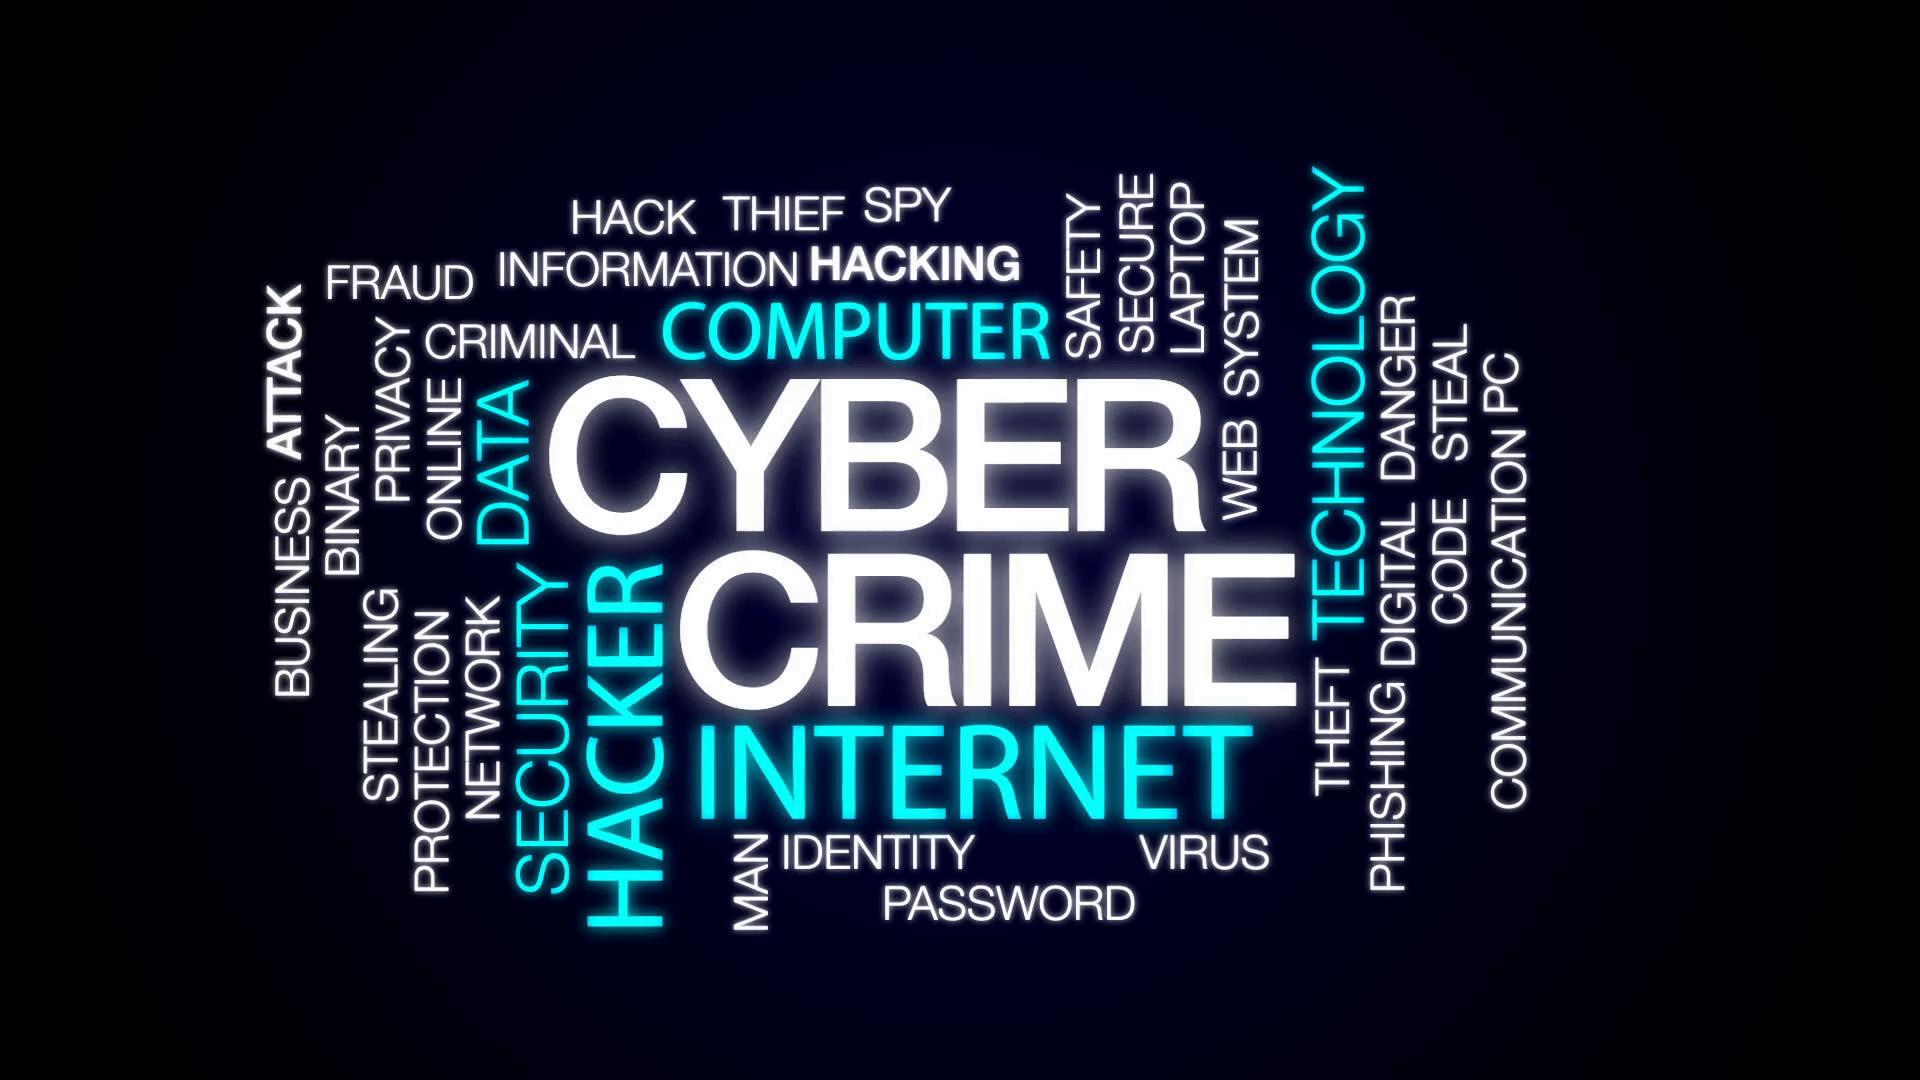 Risk UK Secureworks finds majority of cyber crime damage